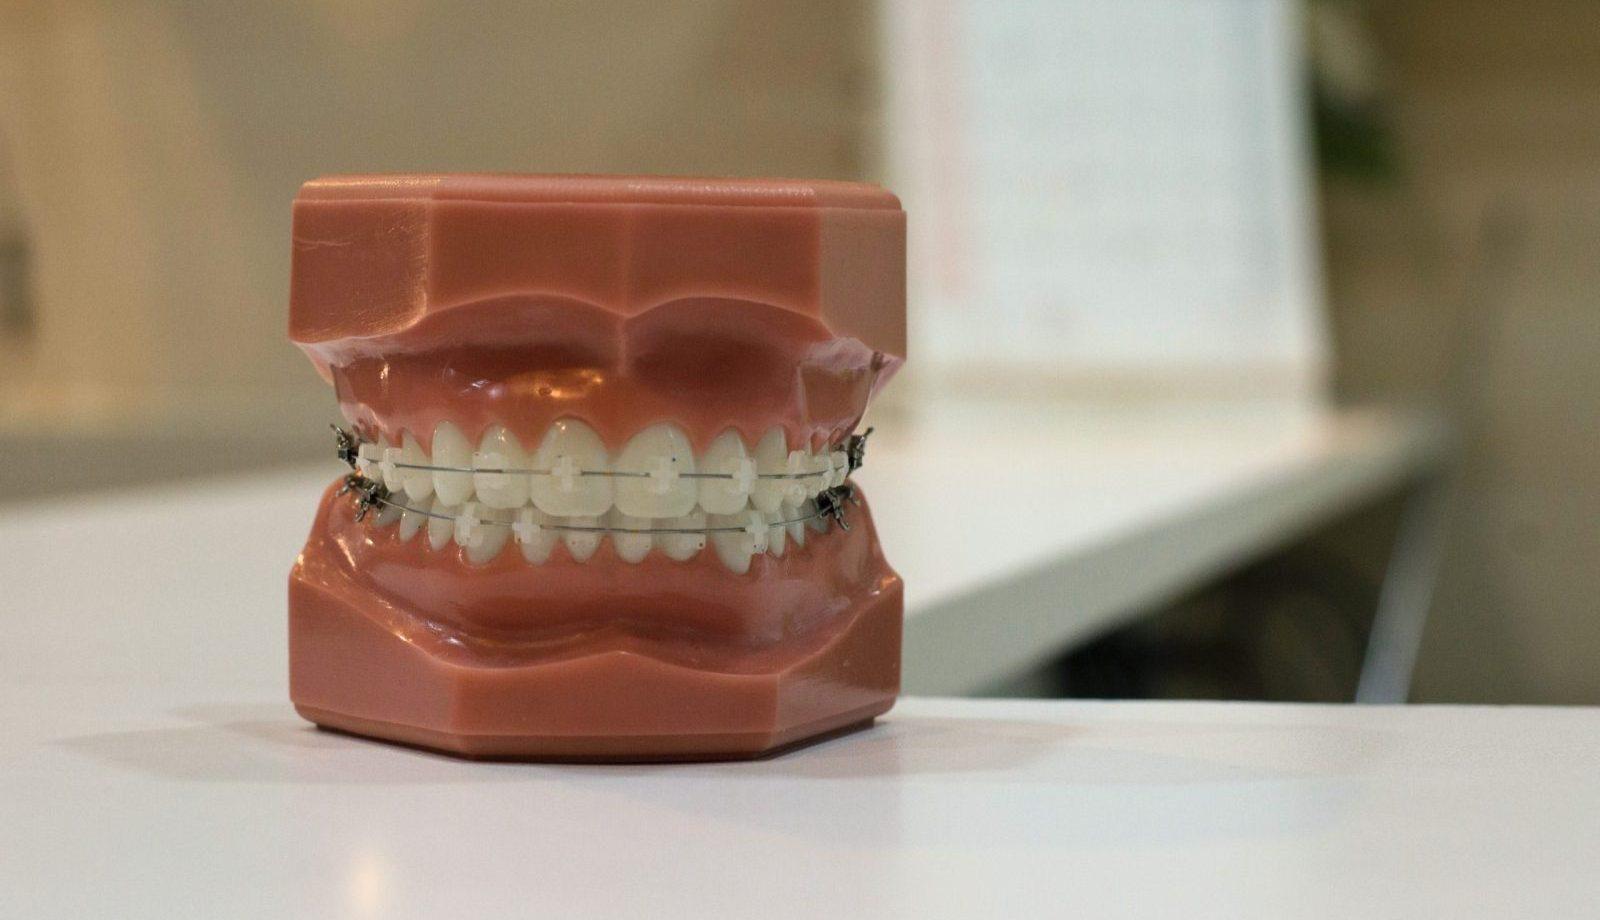 Le dentiste qui voulait un ruling - Reporter.lu